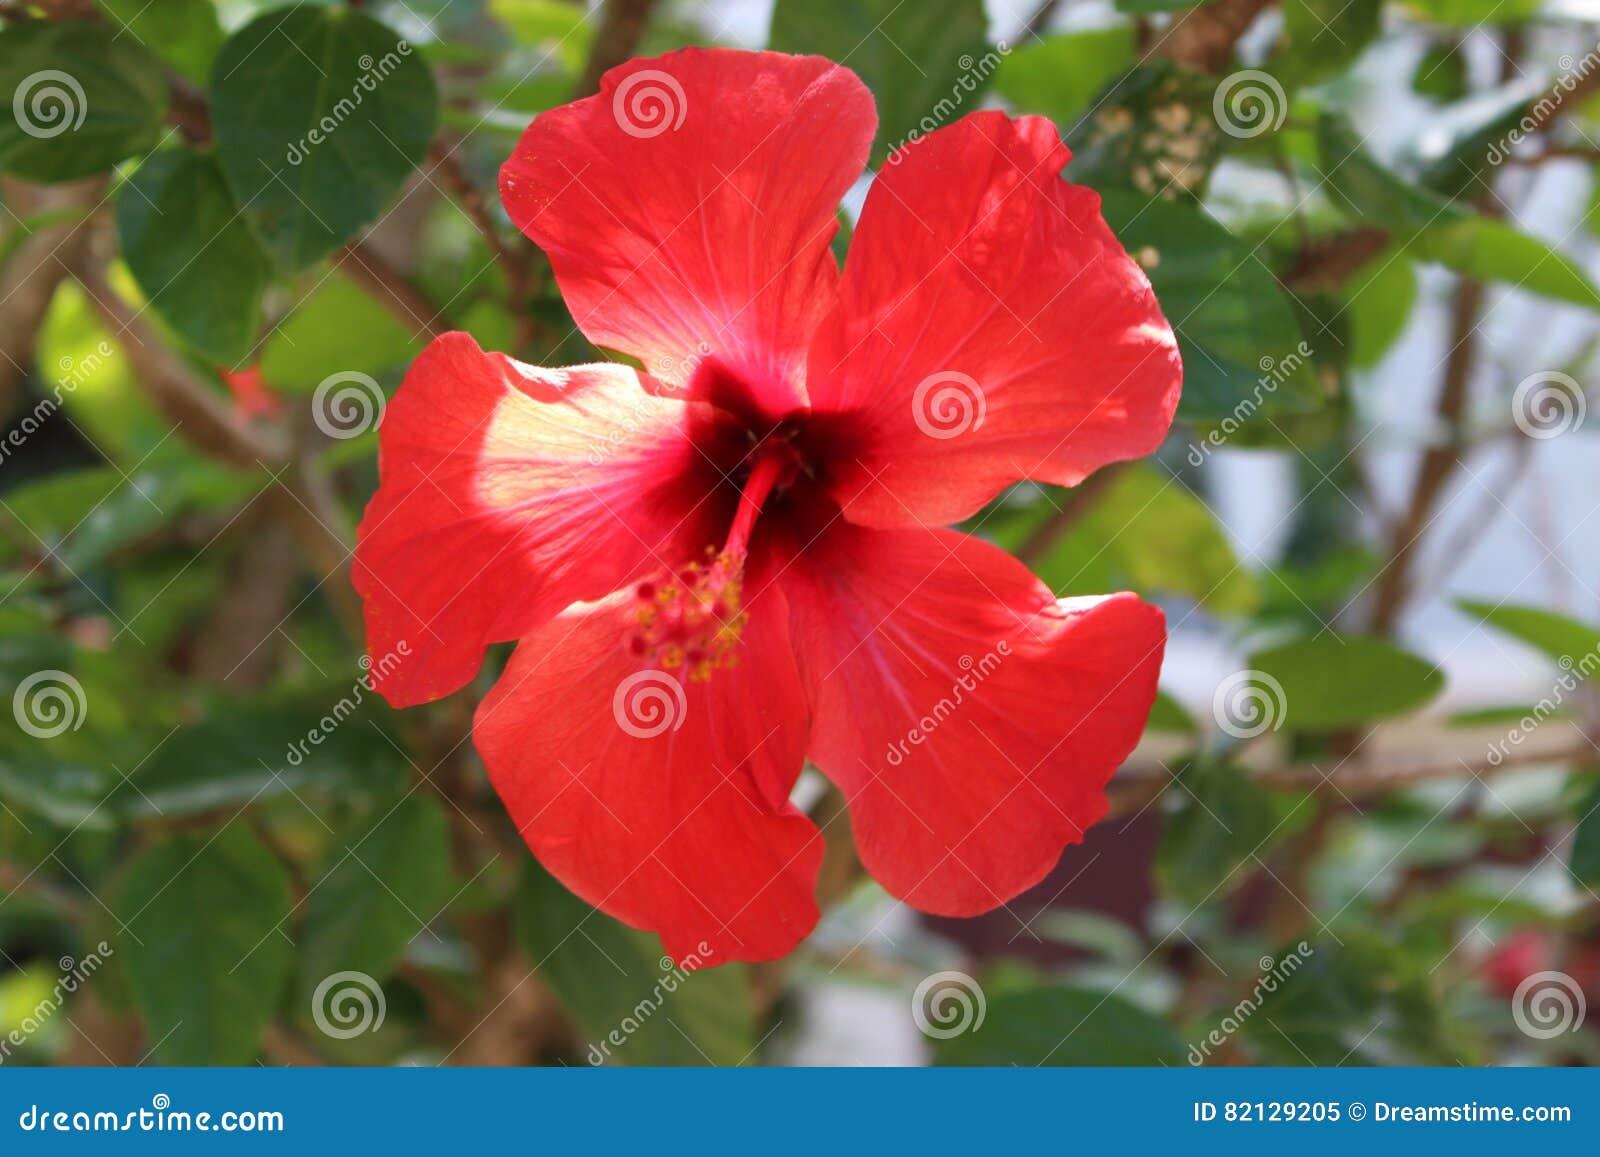 Hawaiian Flower Stock Image Image Of Pure Hawaiian 82129205